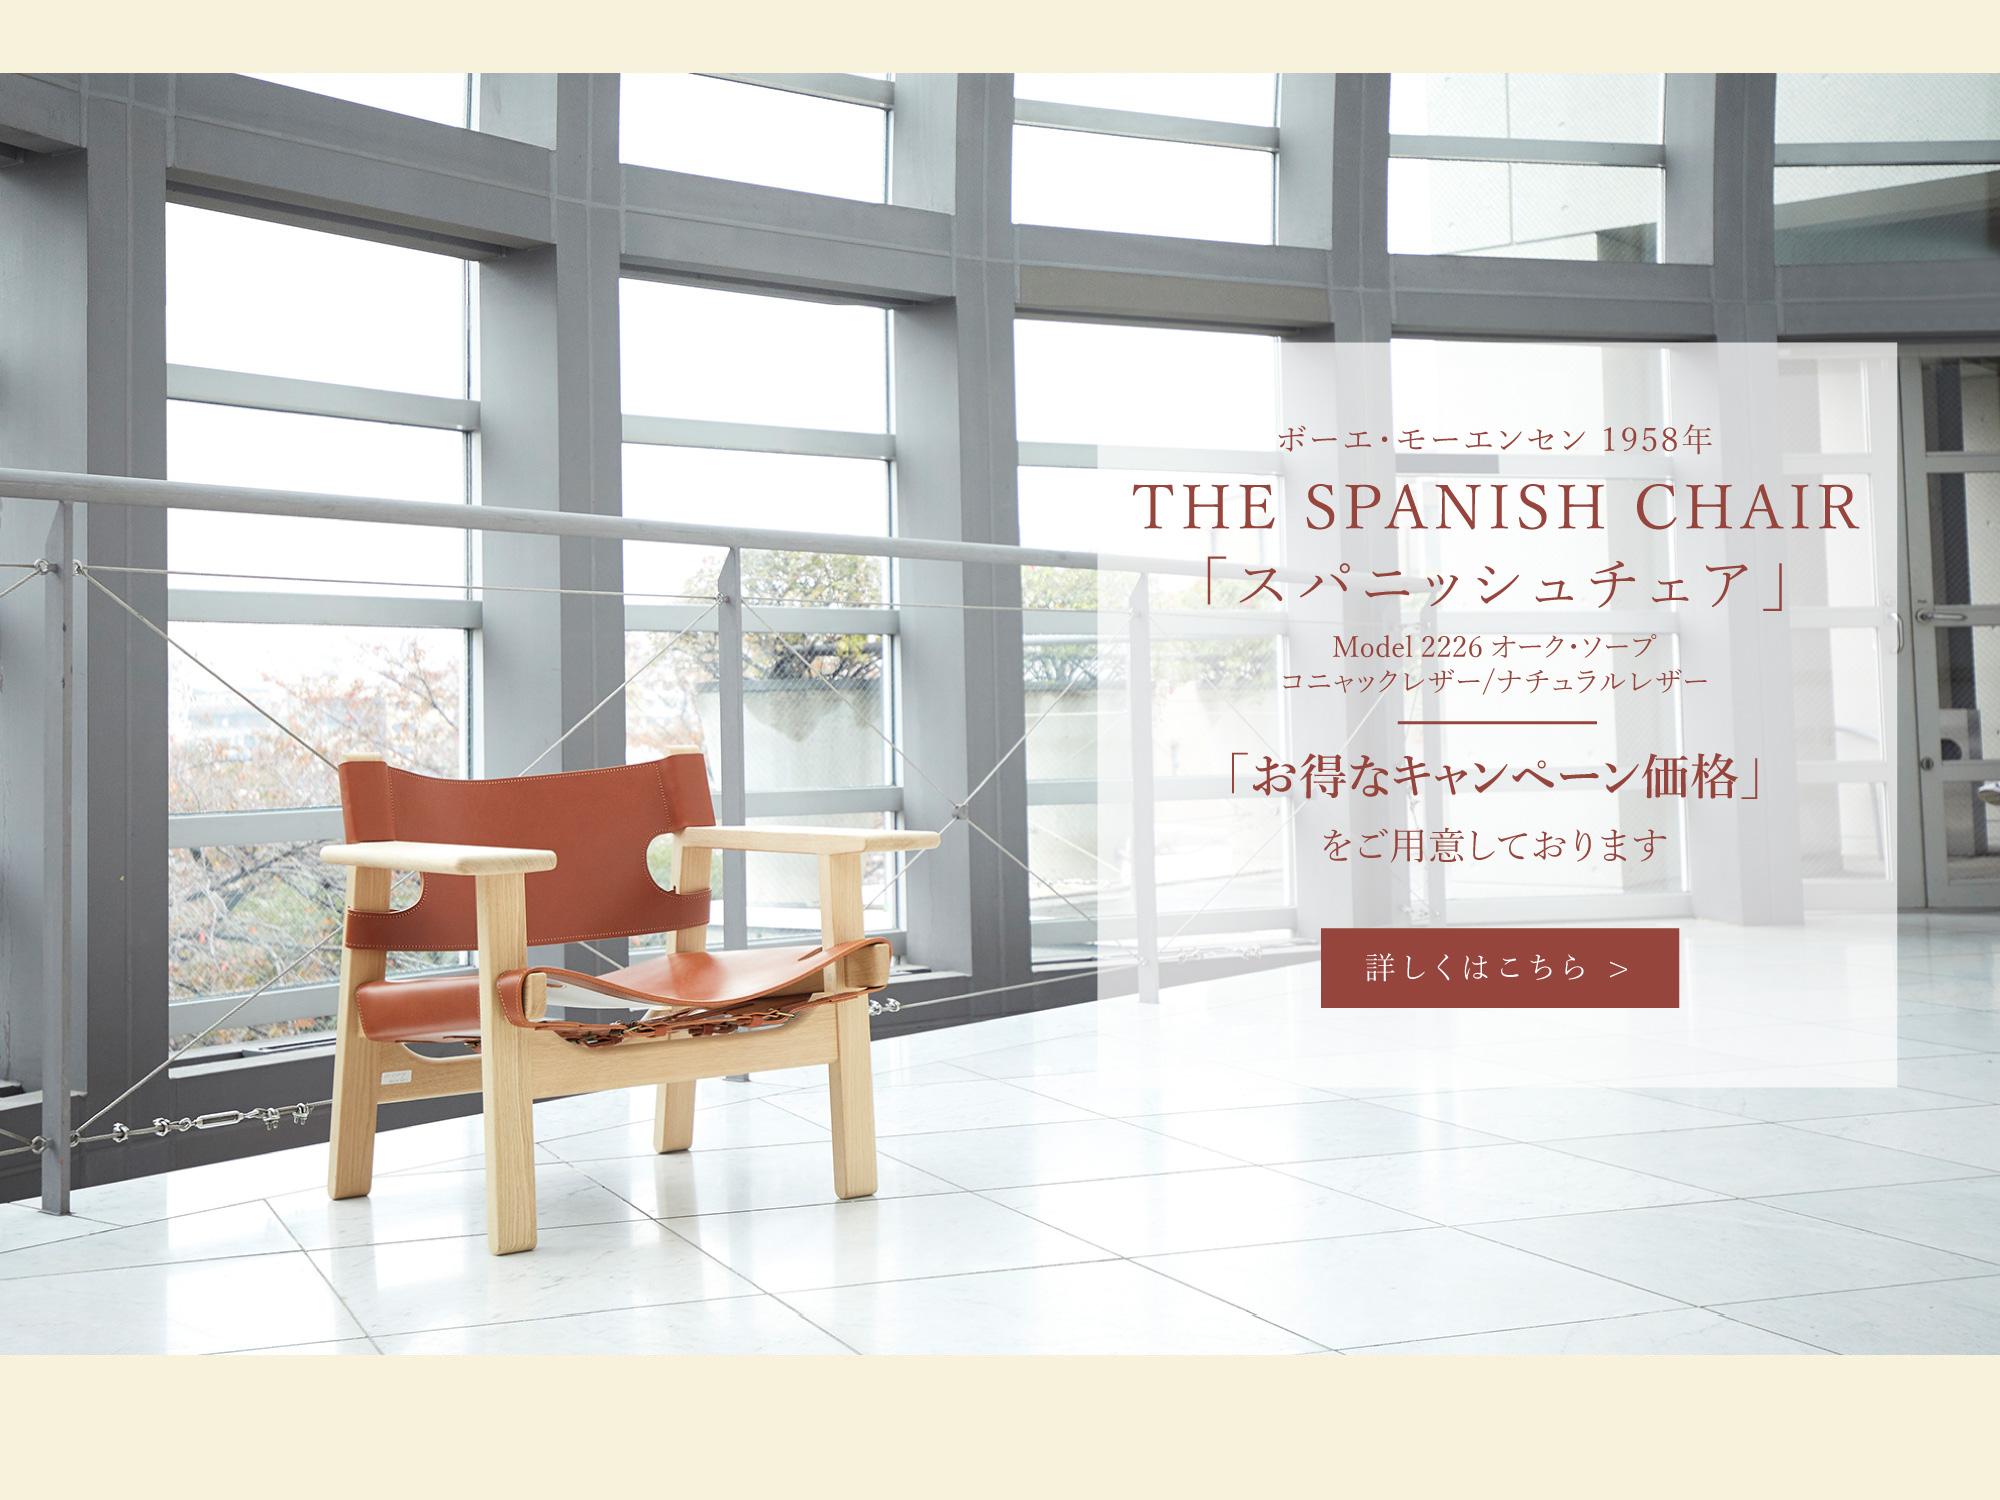 スパニッシュ・チェア Sales Campaign 特別なキャンペーン価格をご用意しております